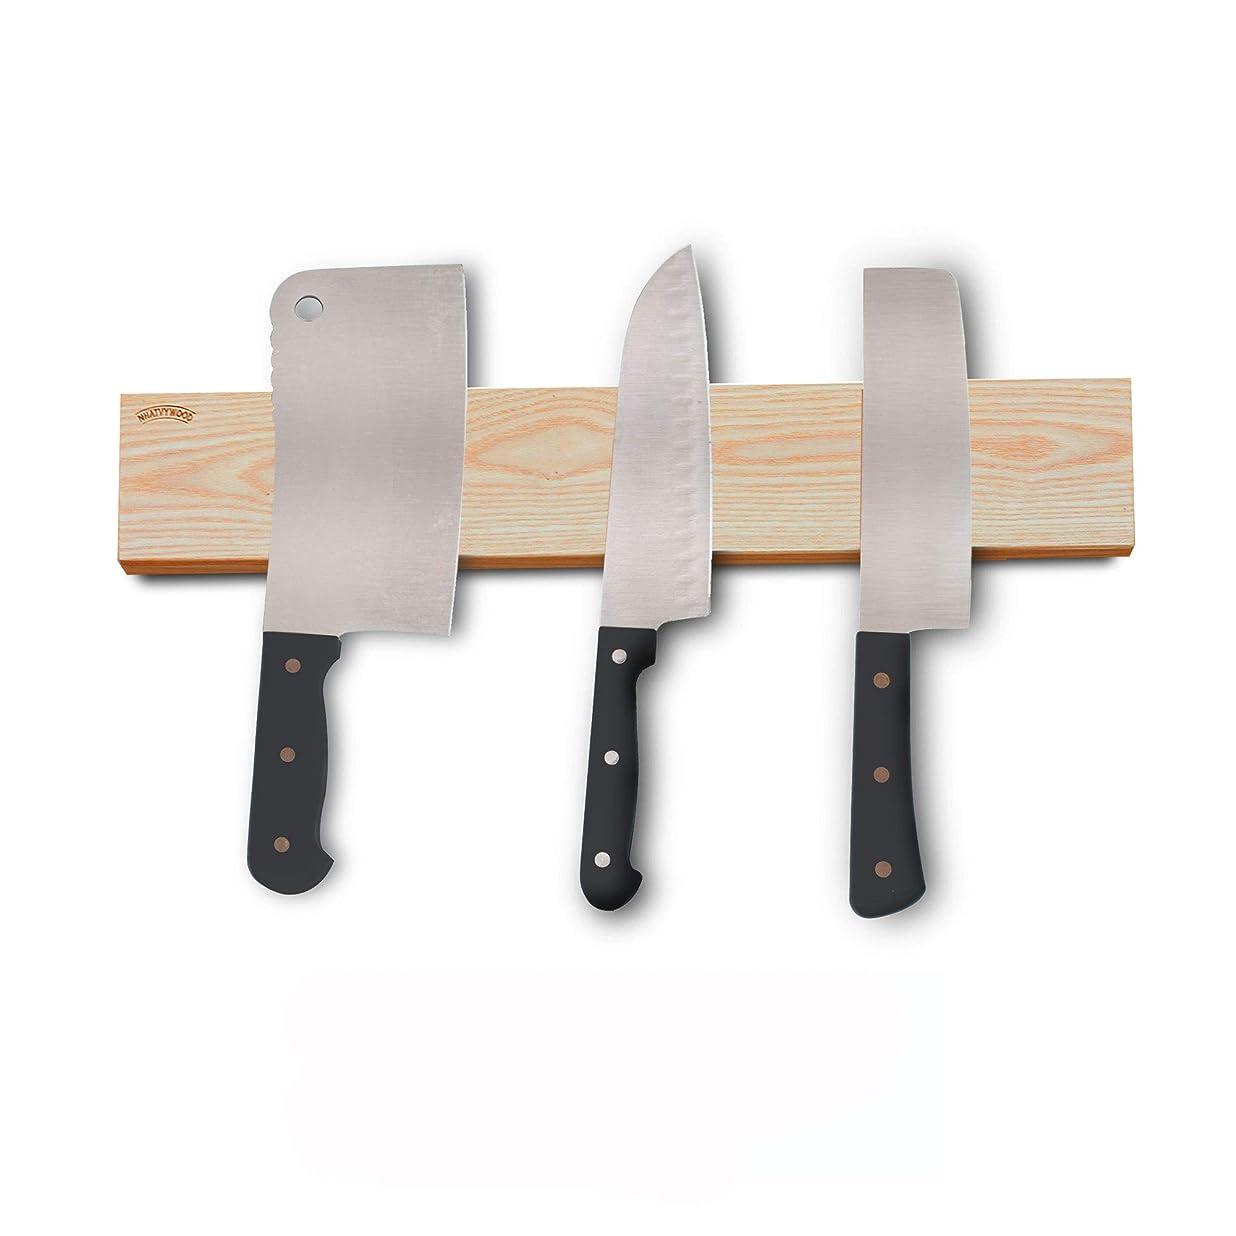 引退する杭起きろキッチン包丁収納マグネットは3Mテープ強力両面テープ NHATVYWOODを付属されています。 (18 インチ)